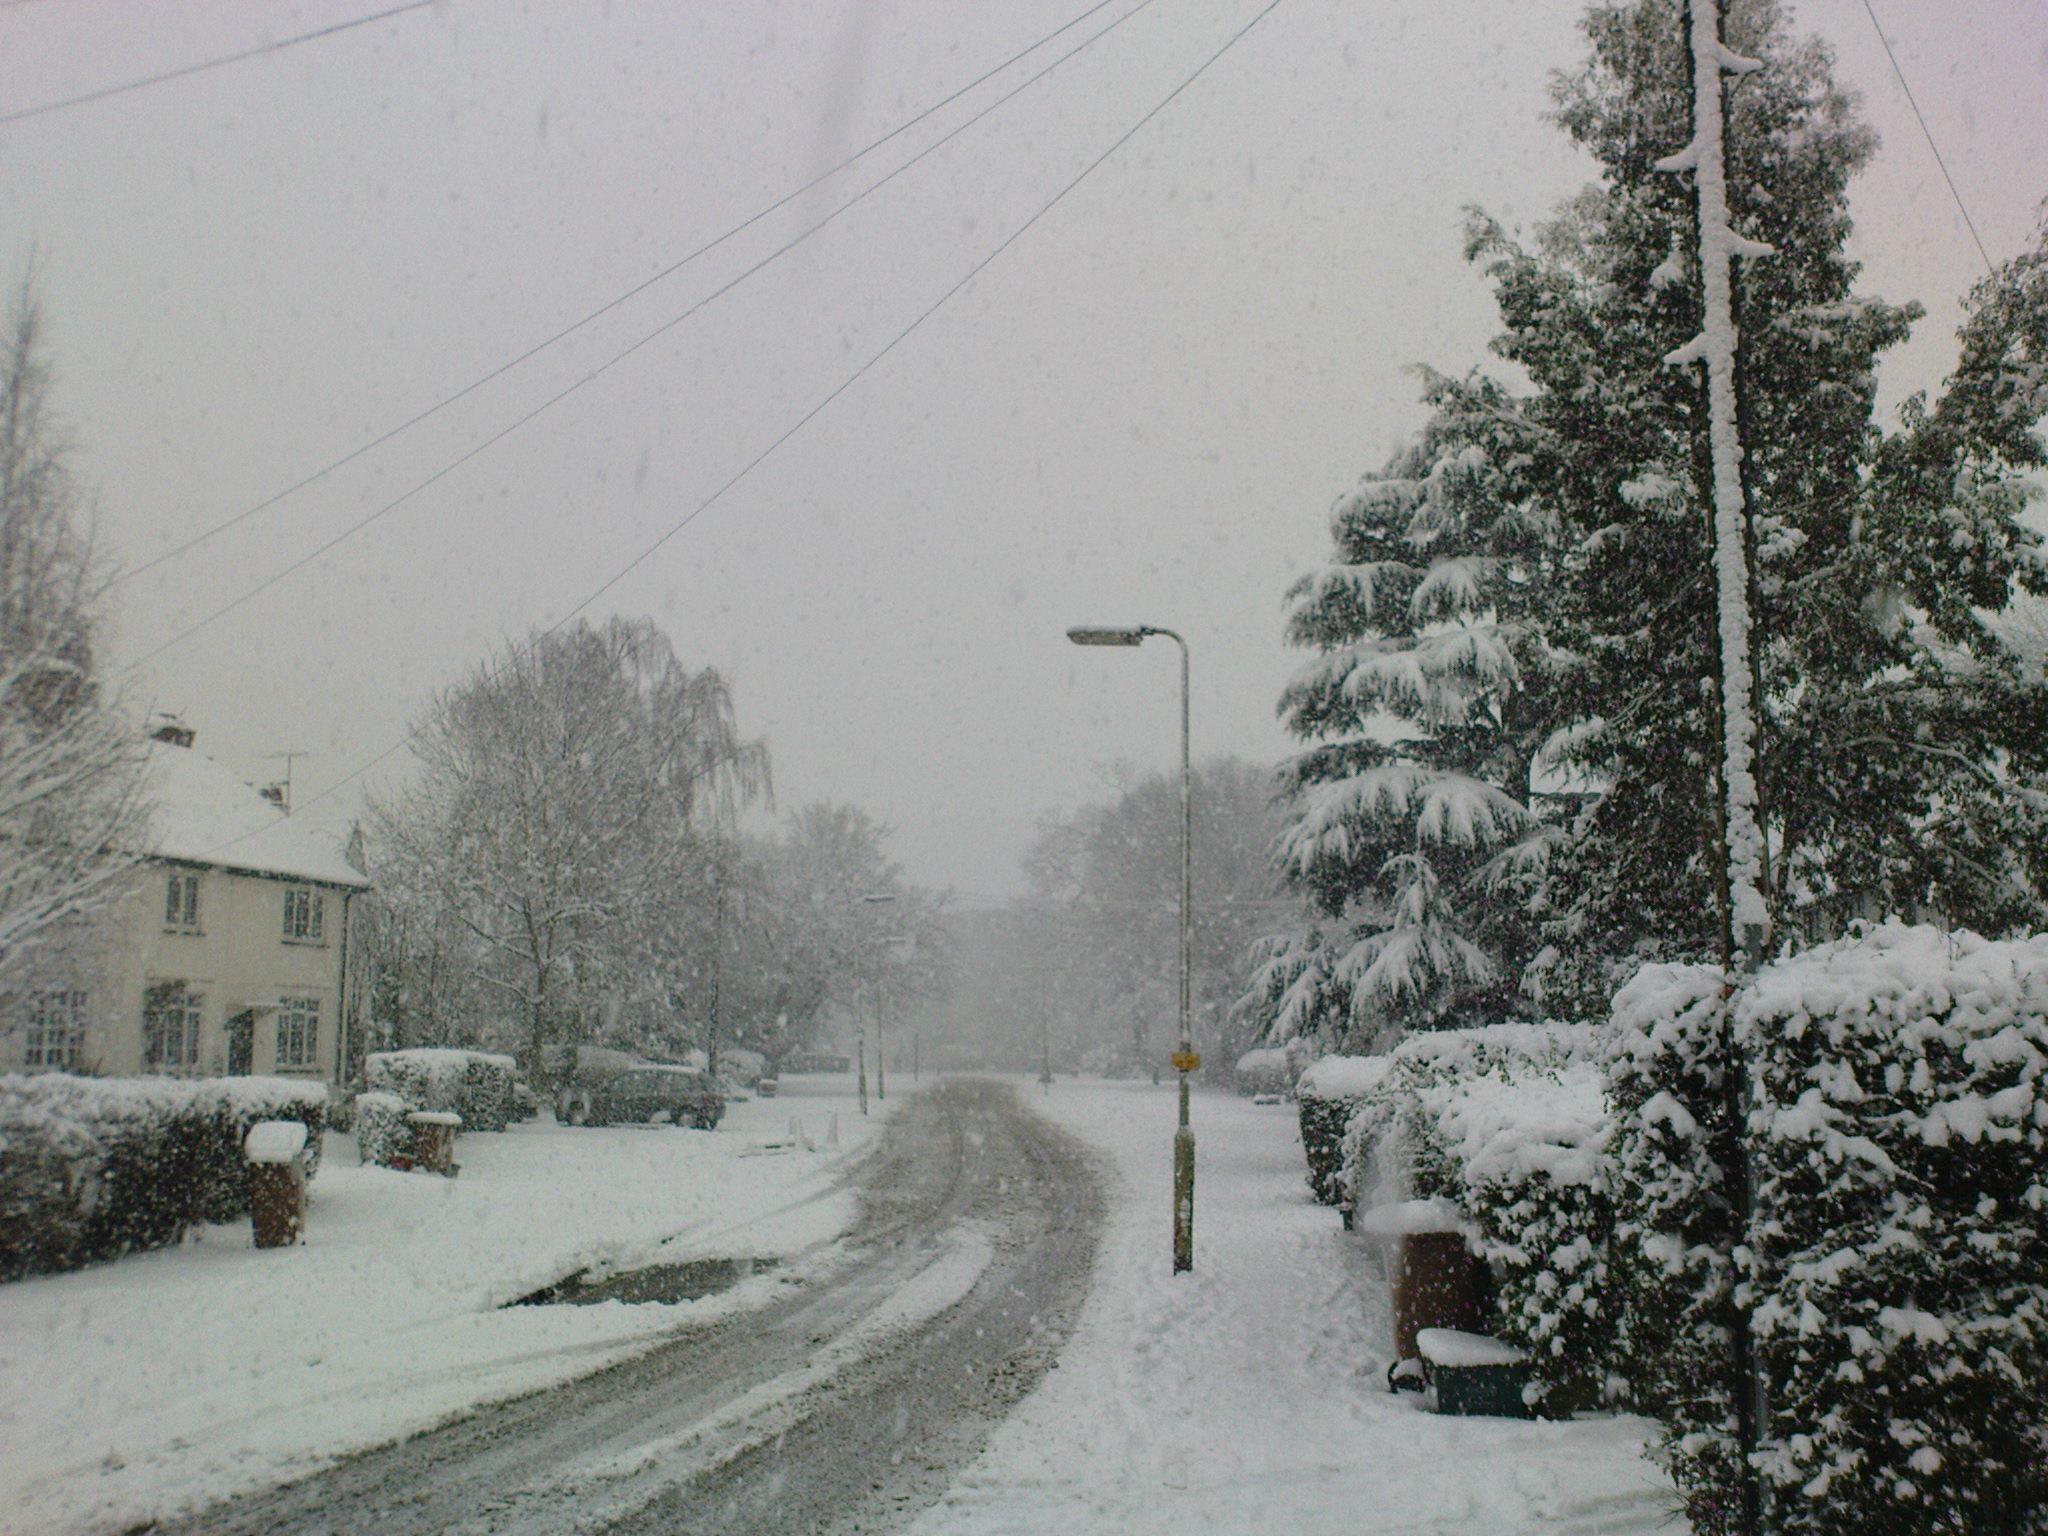 welwyn garden city winter january 2010 town centre recent